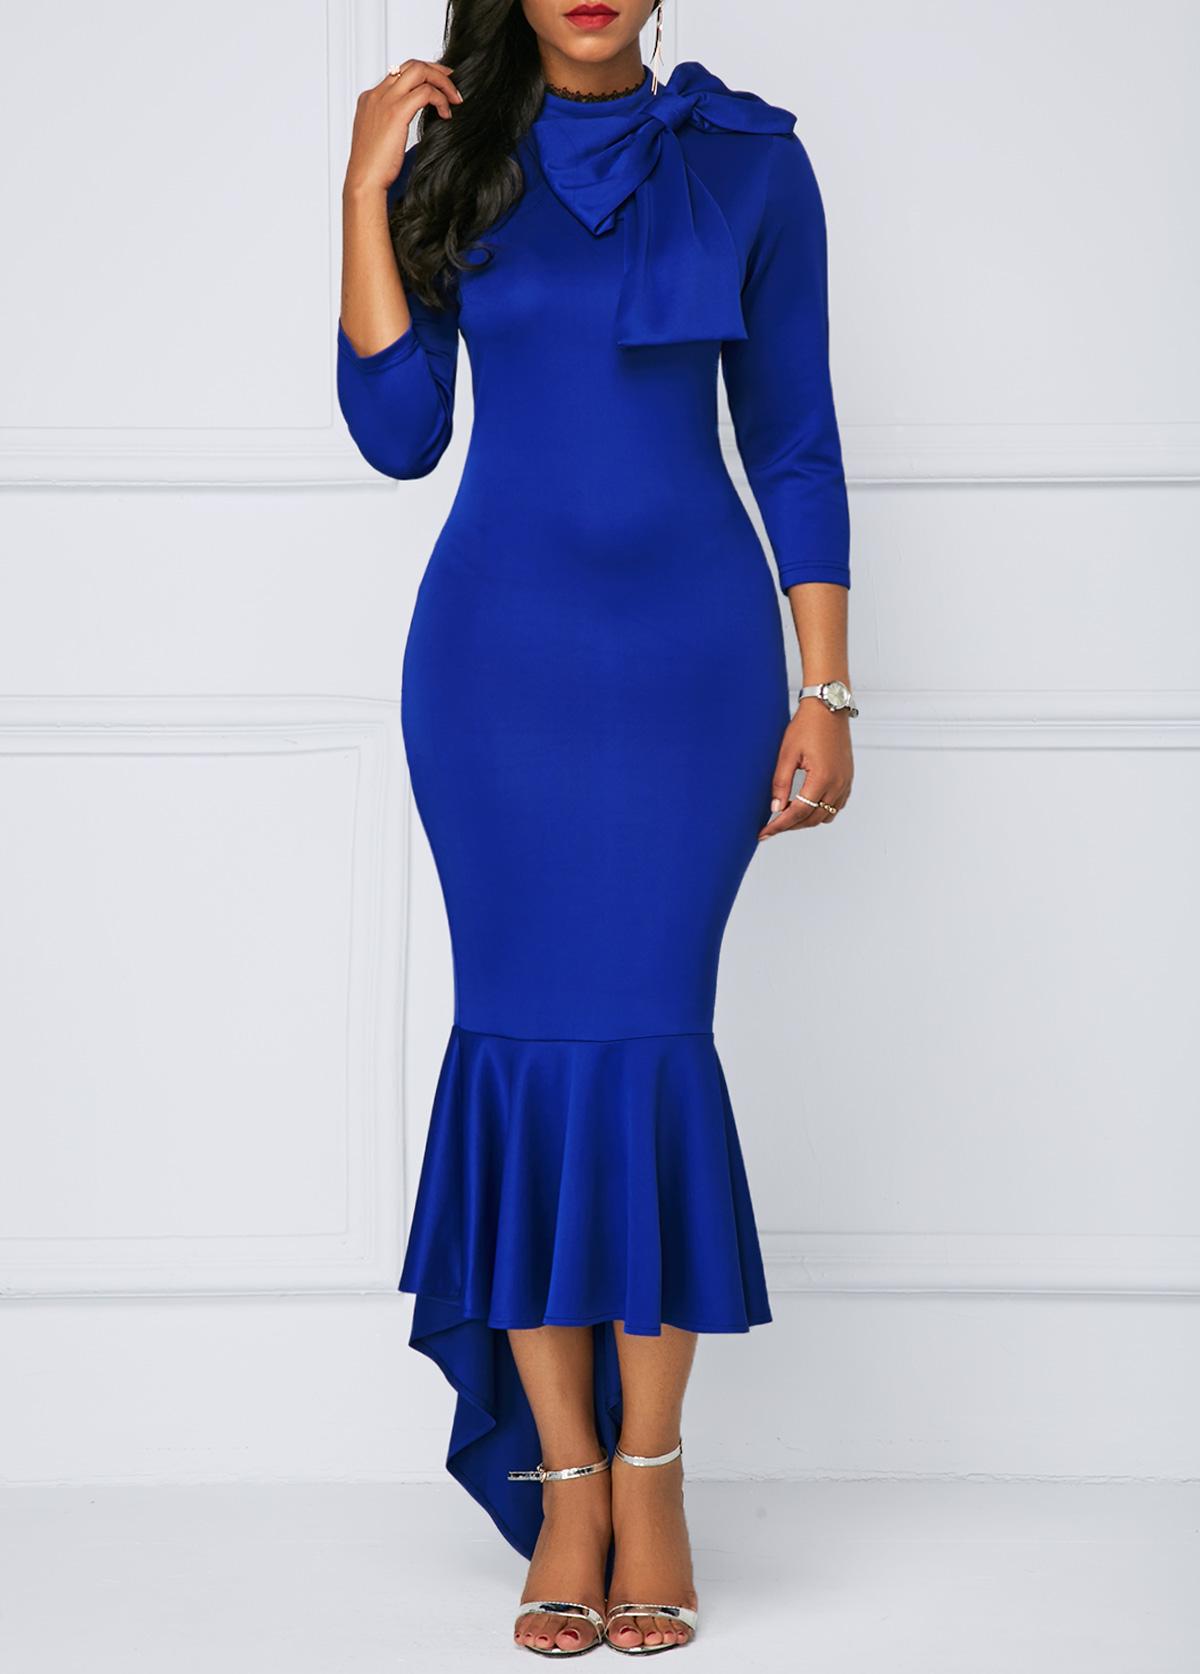 Rotita Dresses - Shop for Rotita Dresses on Polyvore